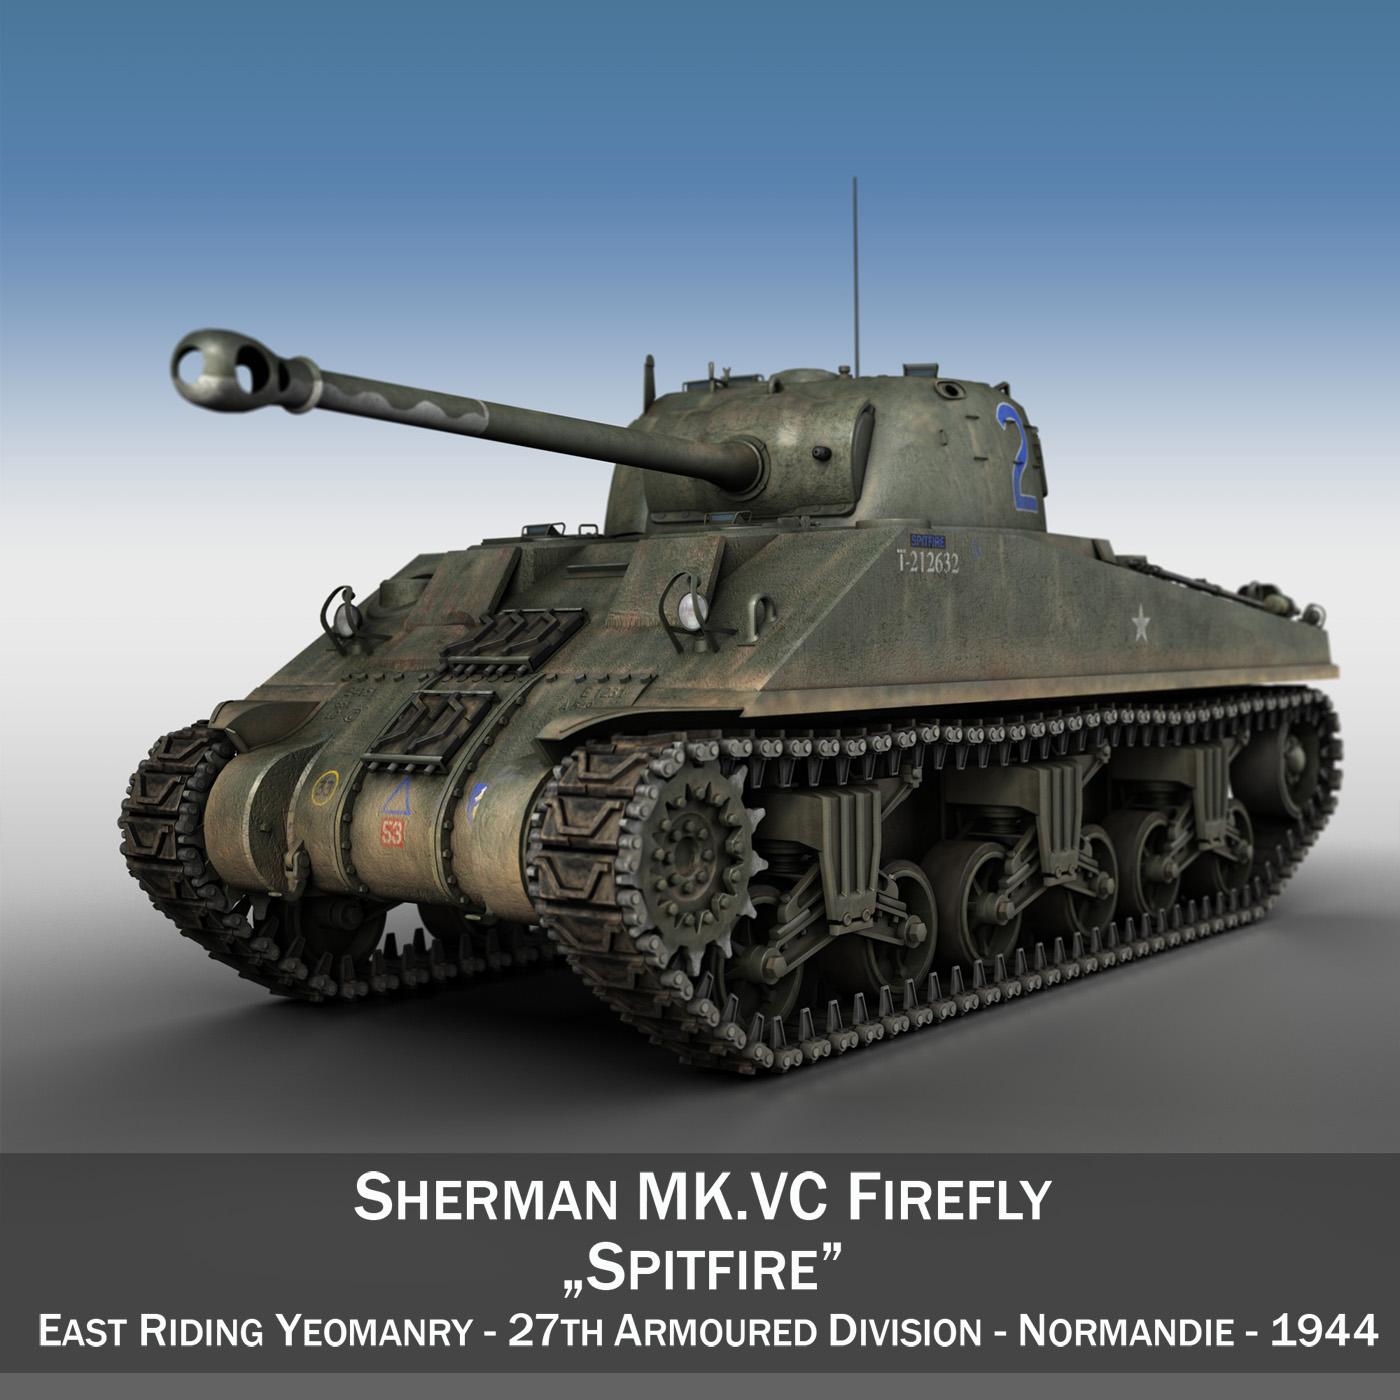 sherman mk vc firefly - samhail spitfire 3d 3ds c4d lwo obj 263974